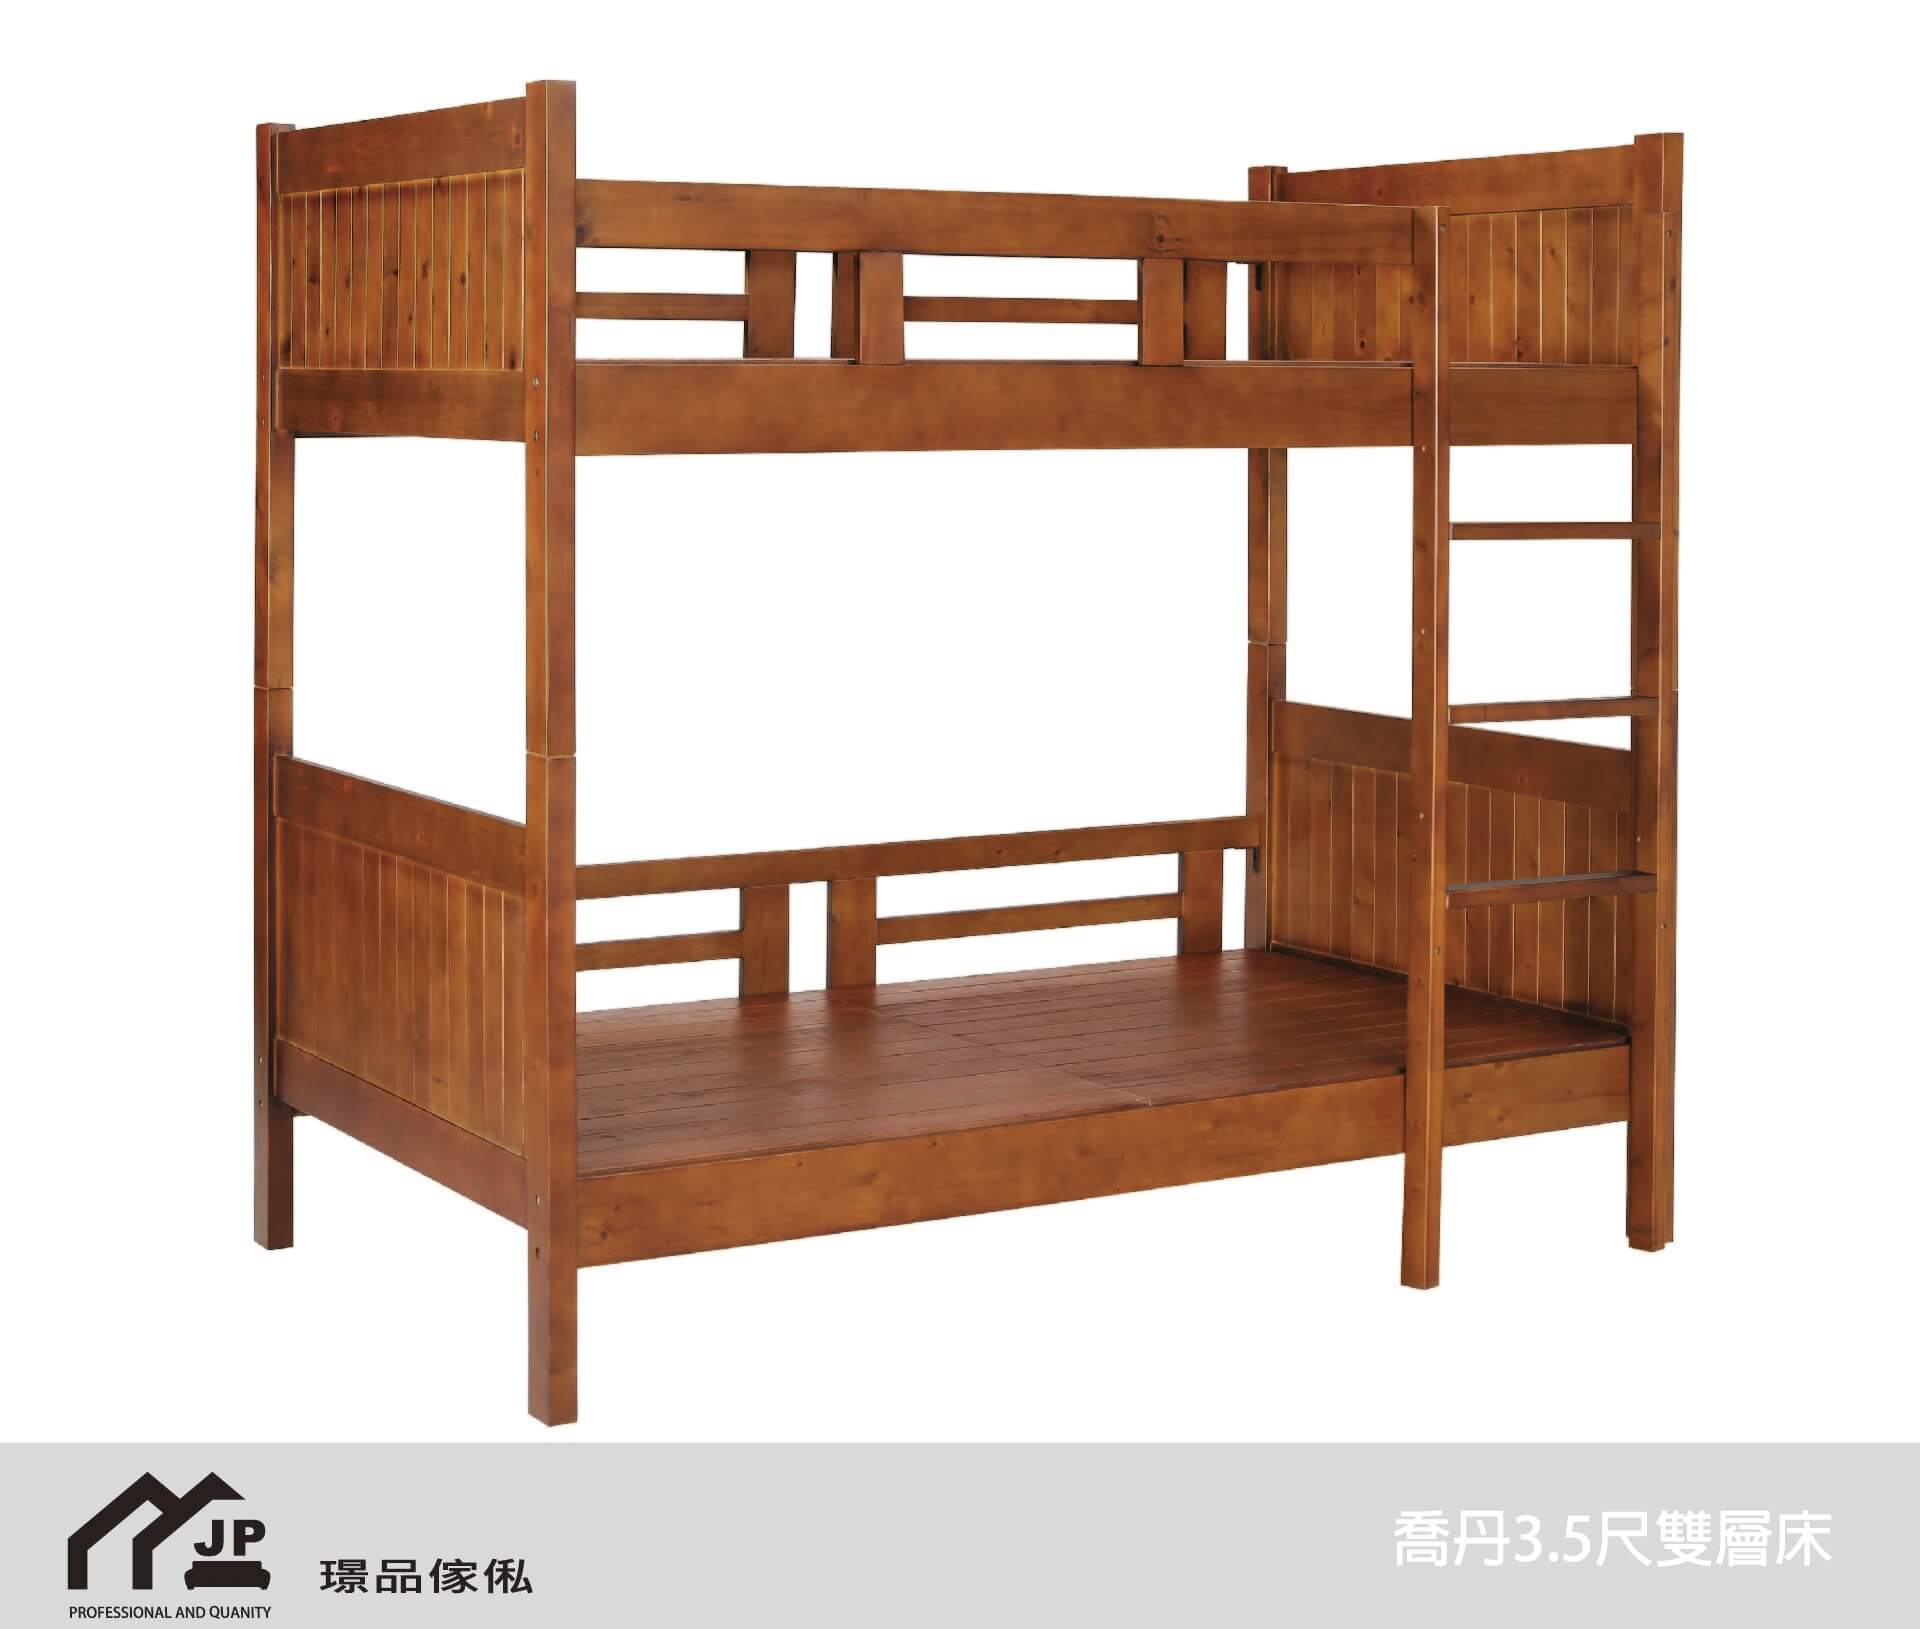 喬丹3.5尺雙層床 - 璟品傢俬|沙發工廠直營門市